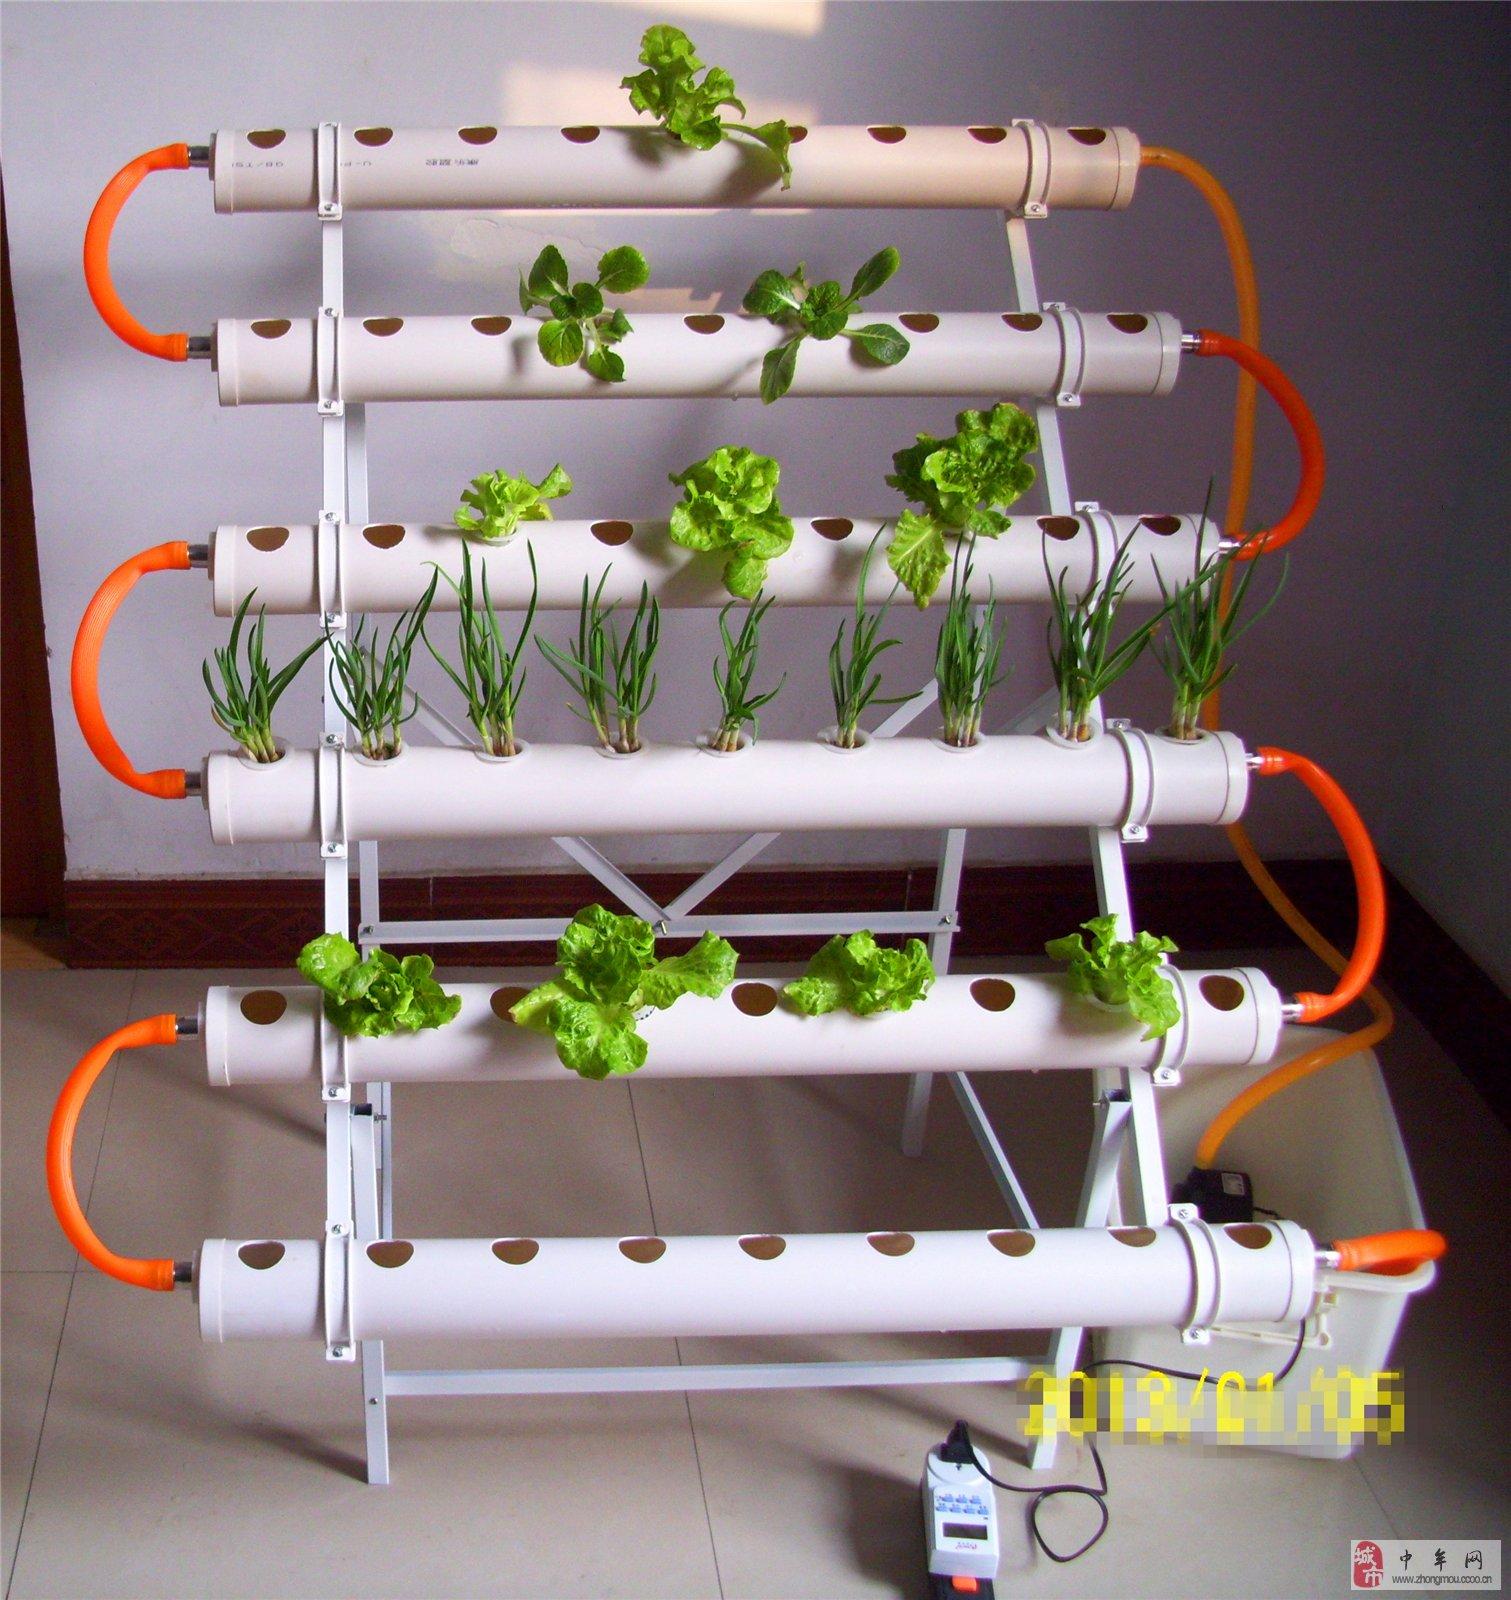 阳台农业是新兴的时尚潮流,美化室内环境,增加含氧量,调节空气湿度,是家居环境理想的调节剂。足不出户,体验动手快乐的同时,还能品尝新鲜绿色的无公害蔬菜,不断收获新的惊喜! 家用无土栽培设备还是进行科普教育的良好素材,观察记录植物生长发育全过程,调动孩子的好奇心,提高探索实践的欲望。 本套无土栽培设备采用加大型号种植管,不仅可以种植普通的绿叶蔬菜,而且可以种植草莓,辣椒,芹菜等矮茎瓜果类蔬菜,还可以栽培各种水生花卉。只要有充足的阳光,合适的温度,发挥你的想象力,在收获劳动成果的同时,还能欣赏美好的景色。 购买